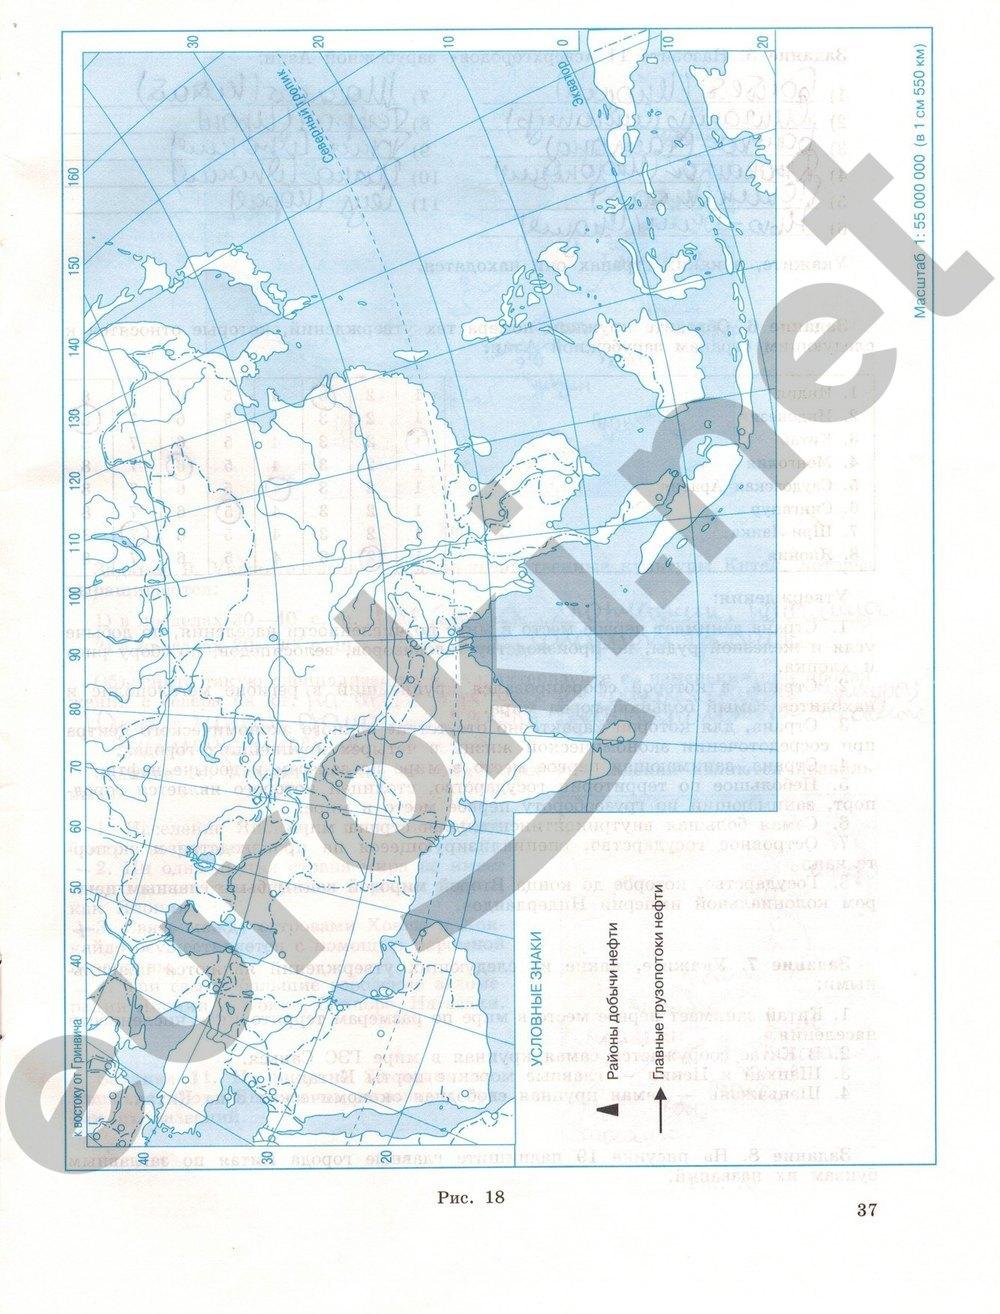 решебник по рабочей тетради географии за 11 класс